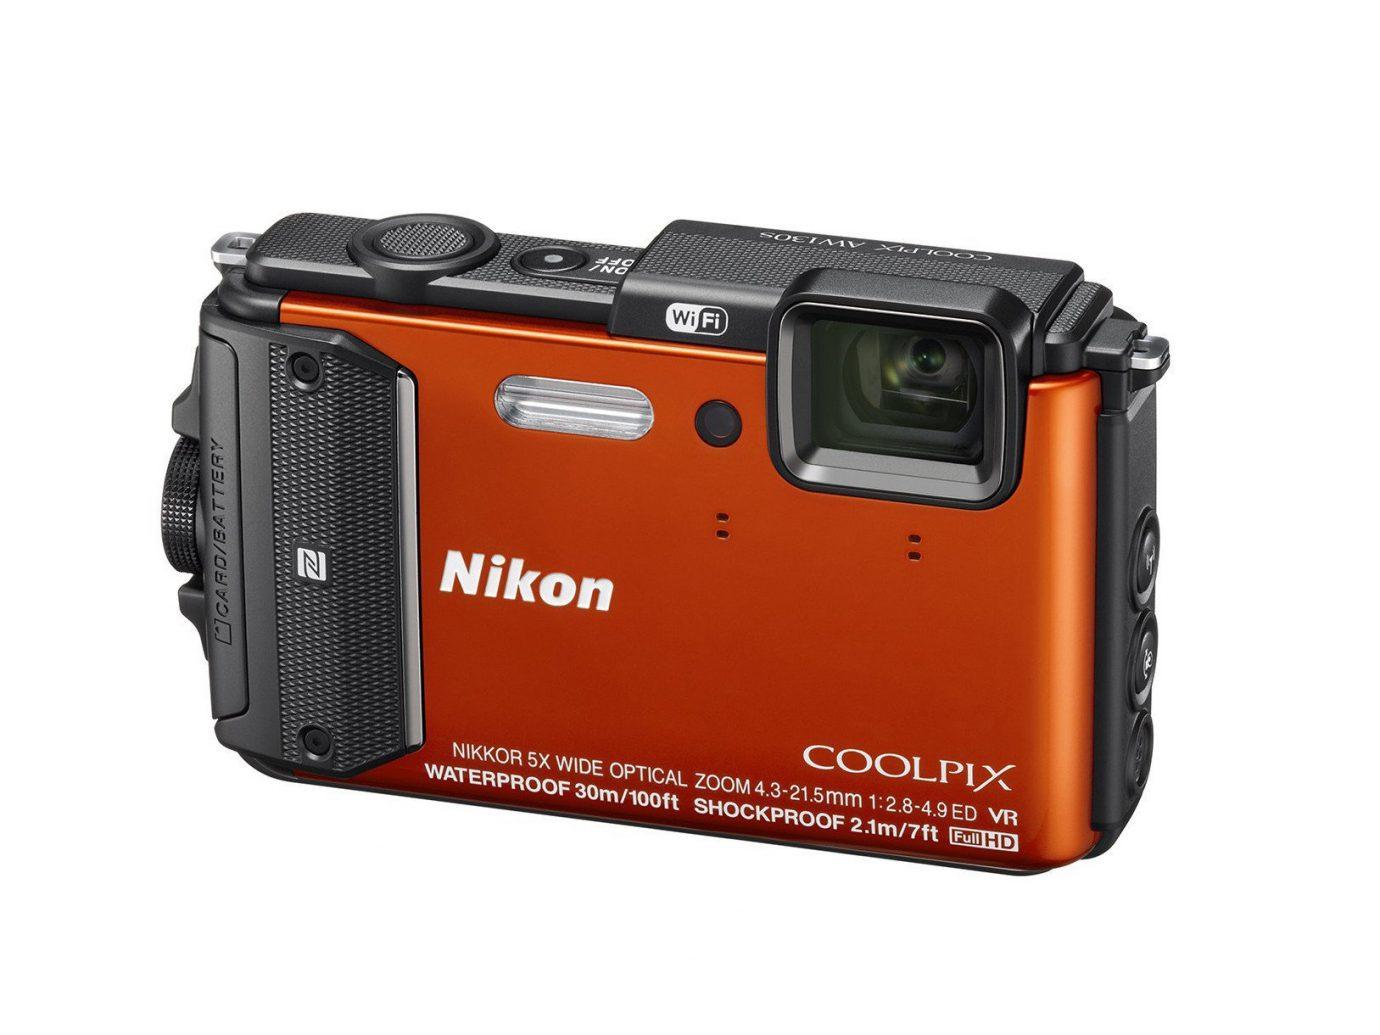 Travel Tips camera digital camera cameras & optics electronics camera lens